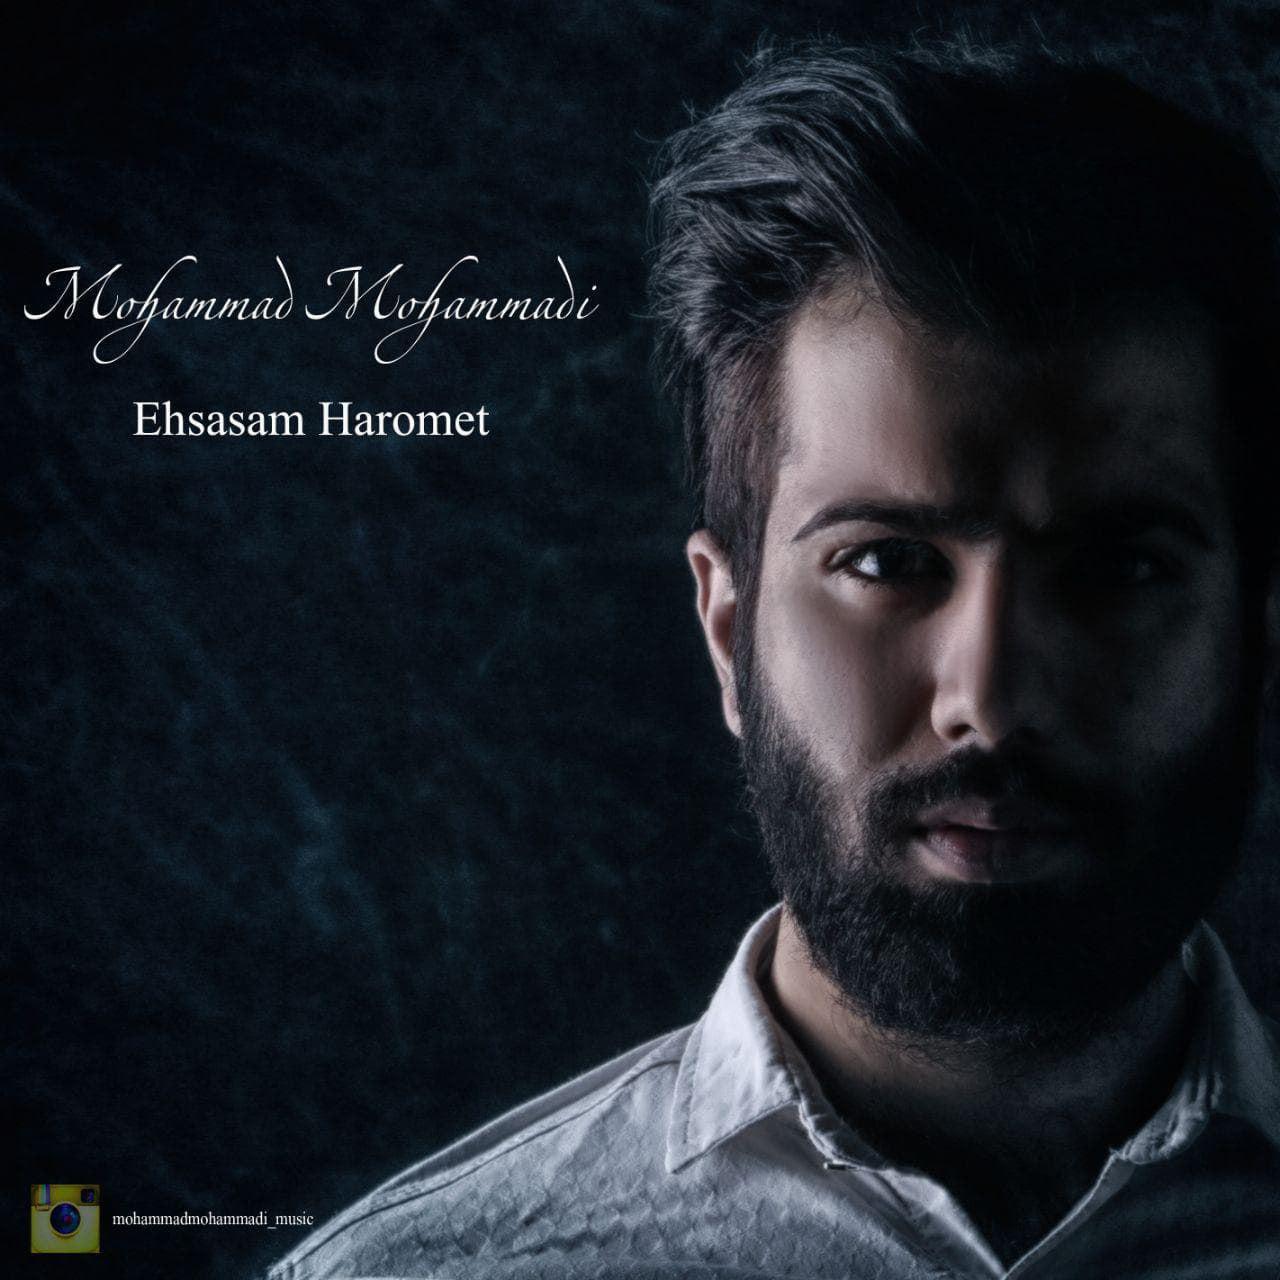 دانلود آهنگ جدید و زیبای محمد محمدی به نام احساسم حرومت